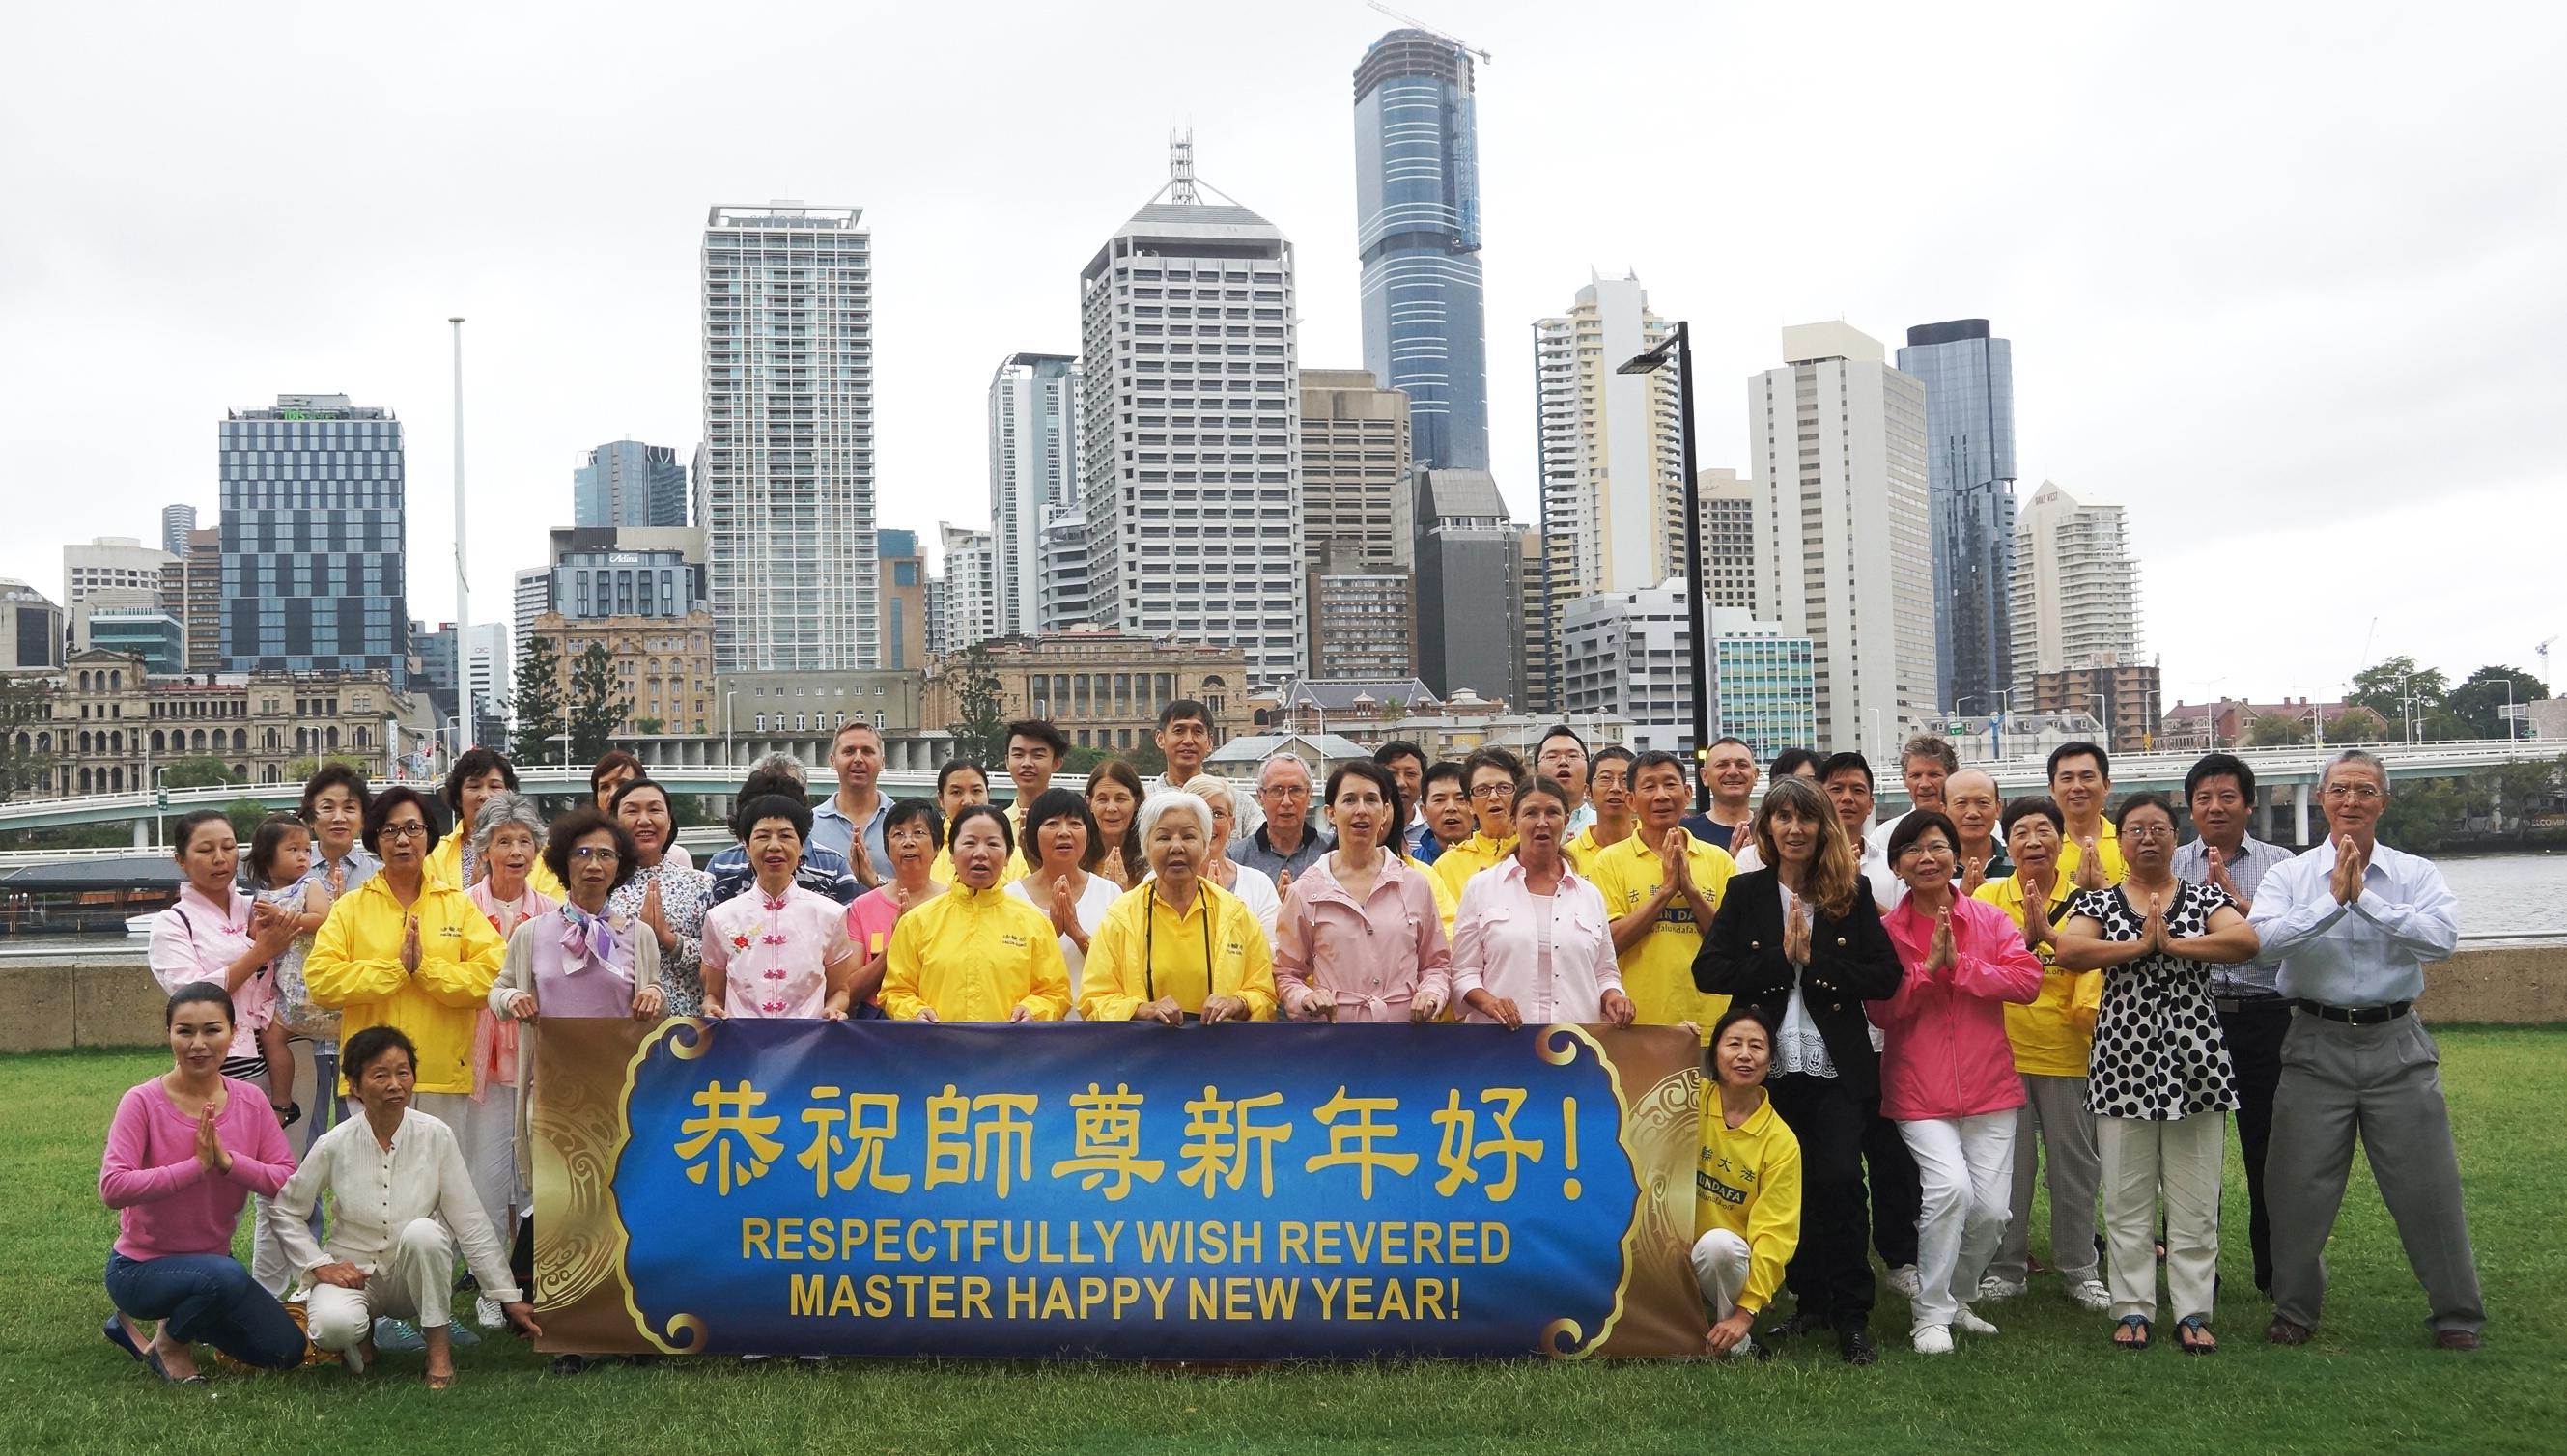 昆士蘭法輪功學員恭祝李洪志師父新年好。(尼爾森/大紀元)